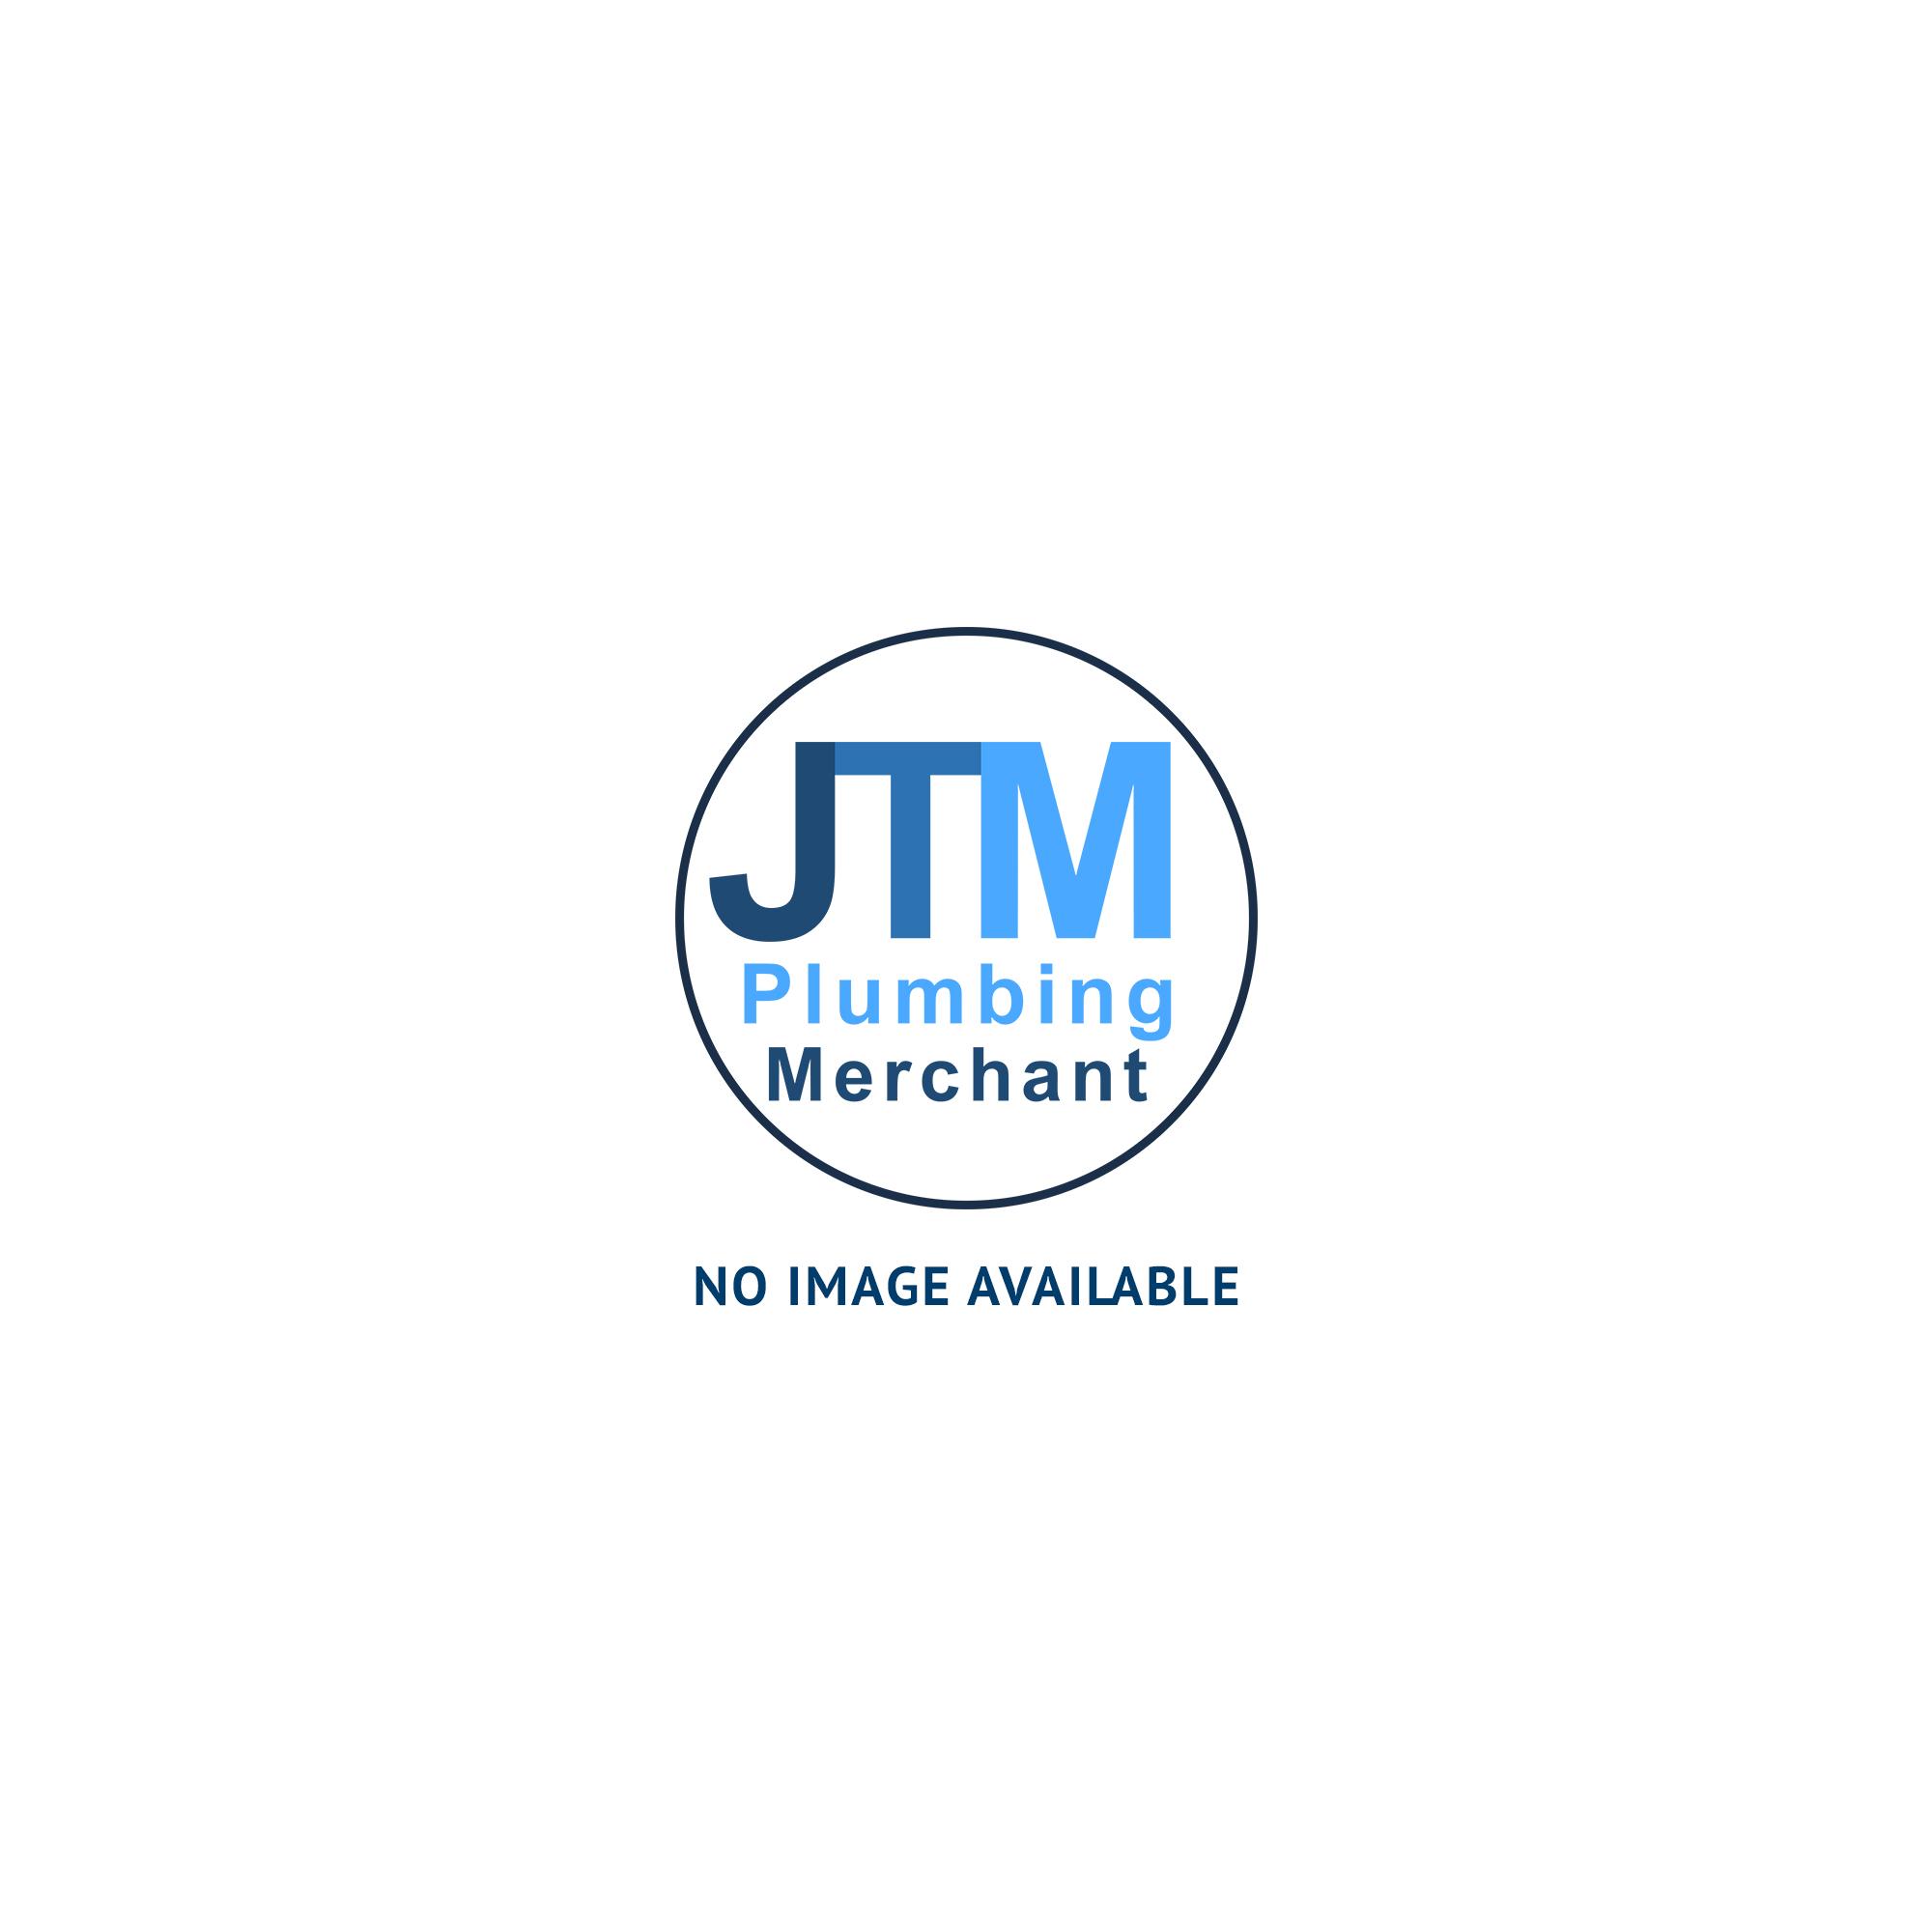 JTM Bi-Metallic Brazing Flange, PN16 BS 4504